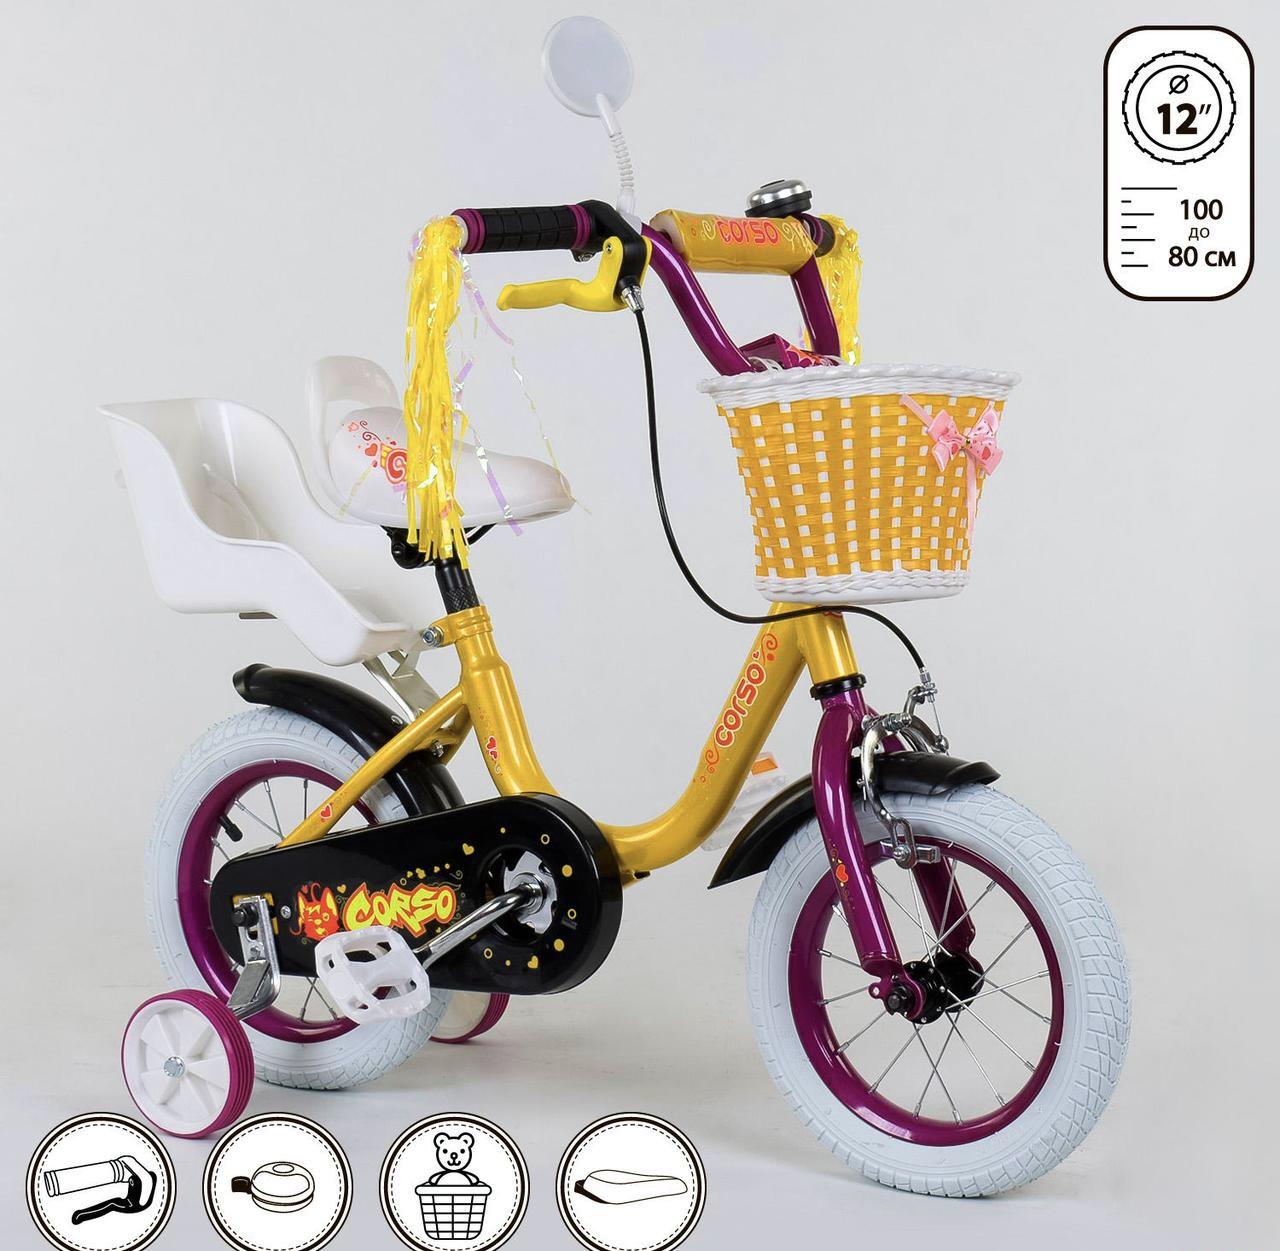 Велосипед 12 дюймов 2х колёсный CORSO 1292 ручной тормоз звоночек сидение с ручкой доп. колеса